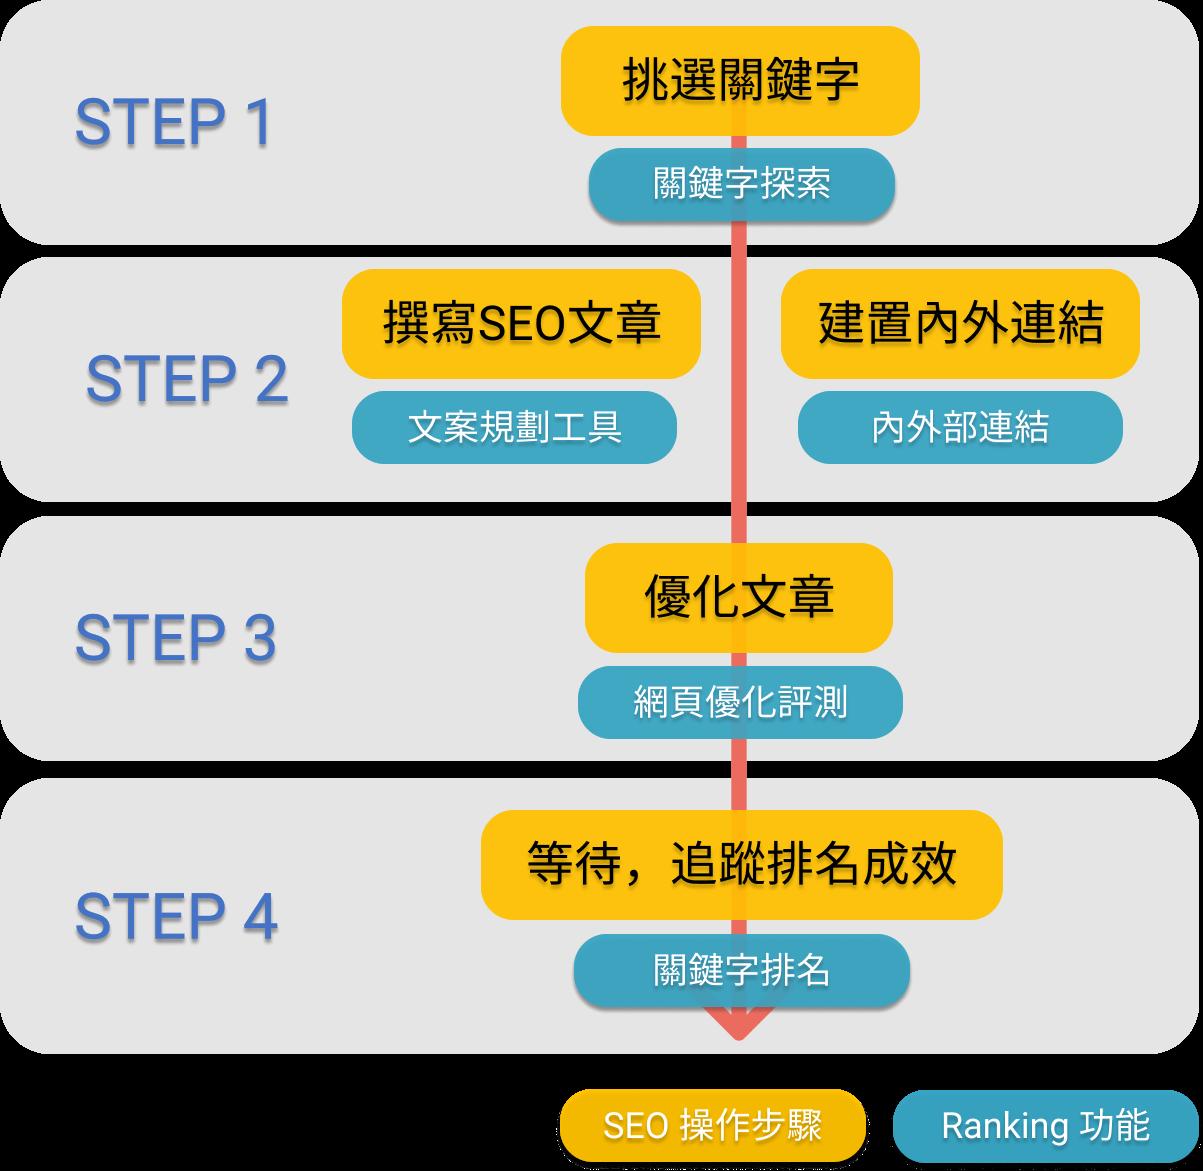 運用 Ranking 操作 SEO 四大流程